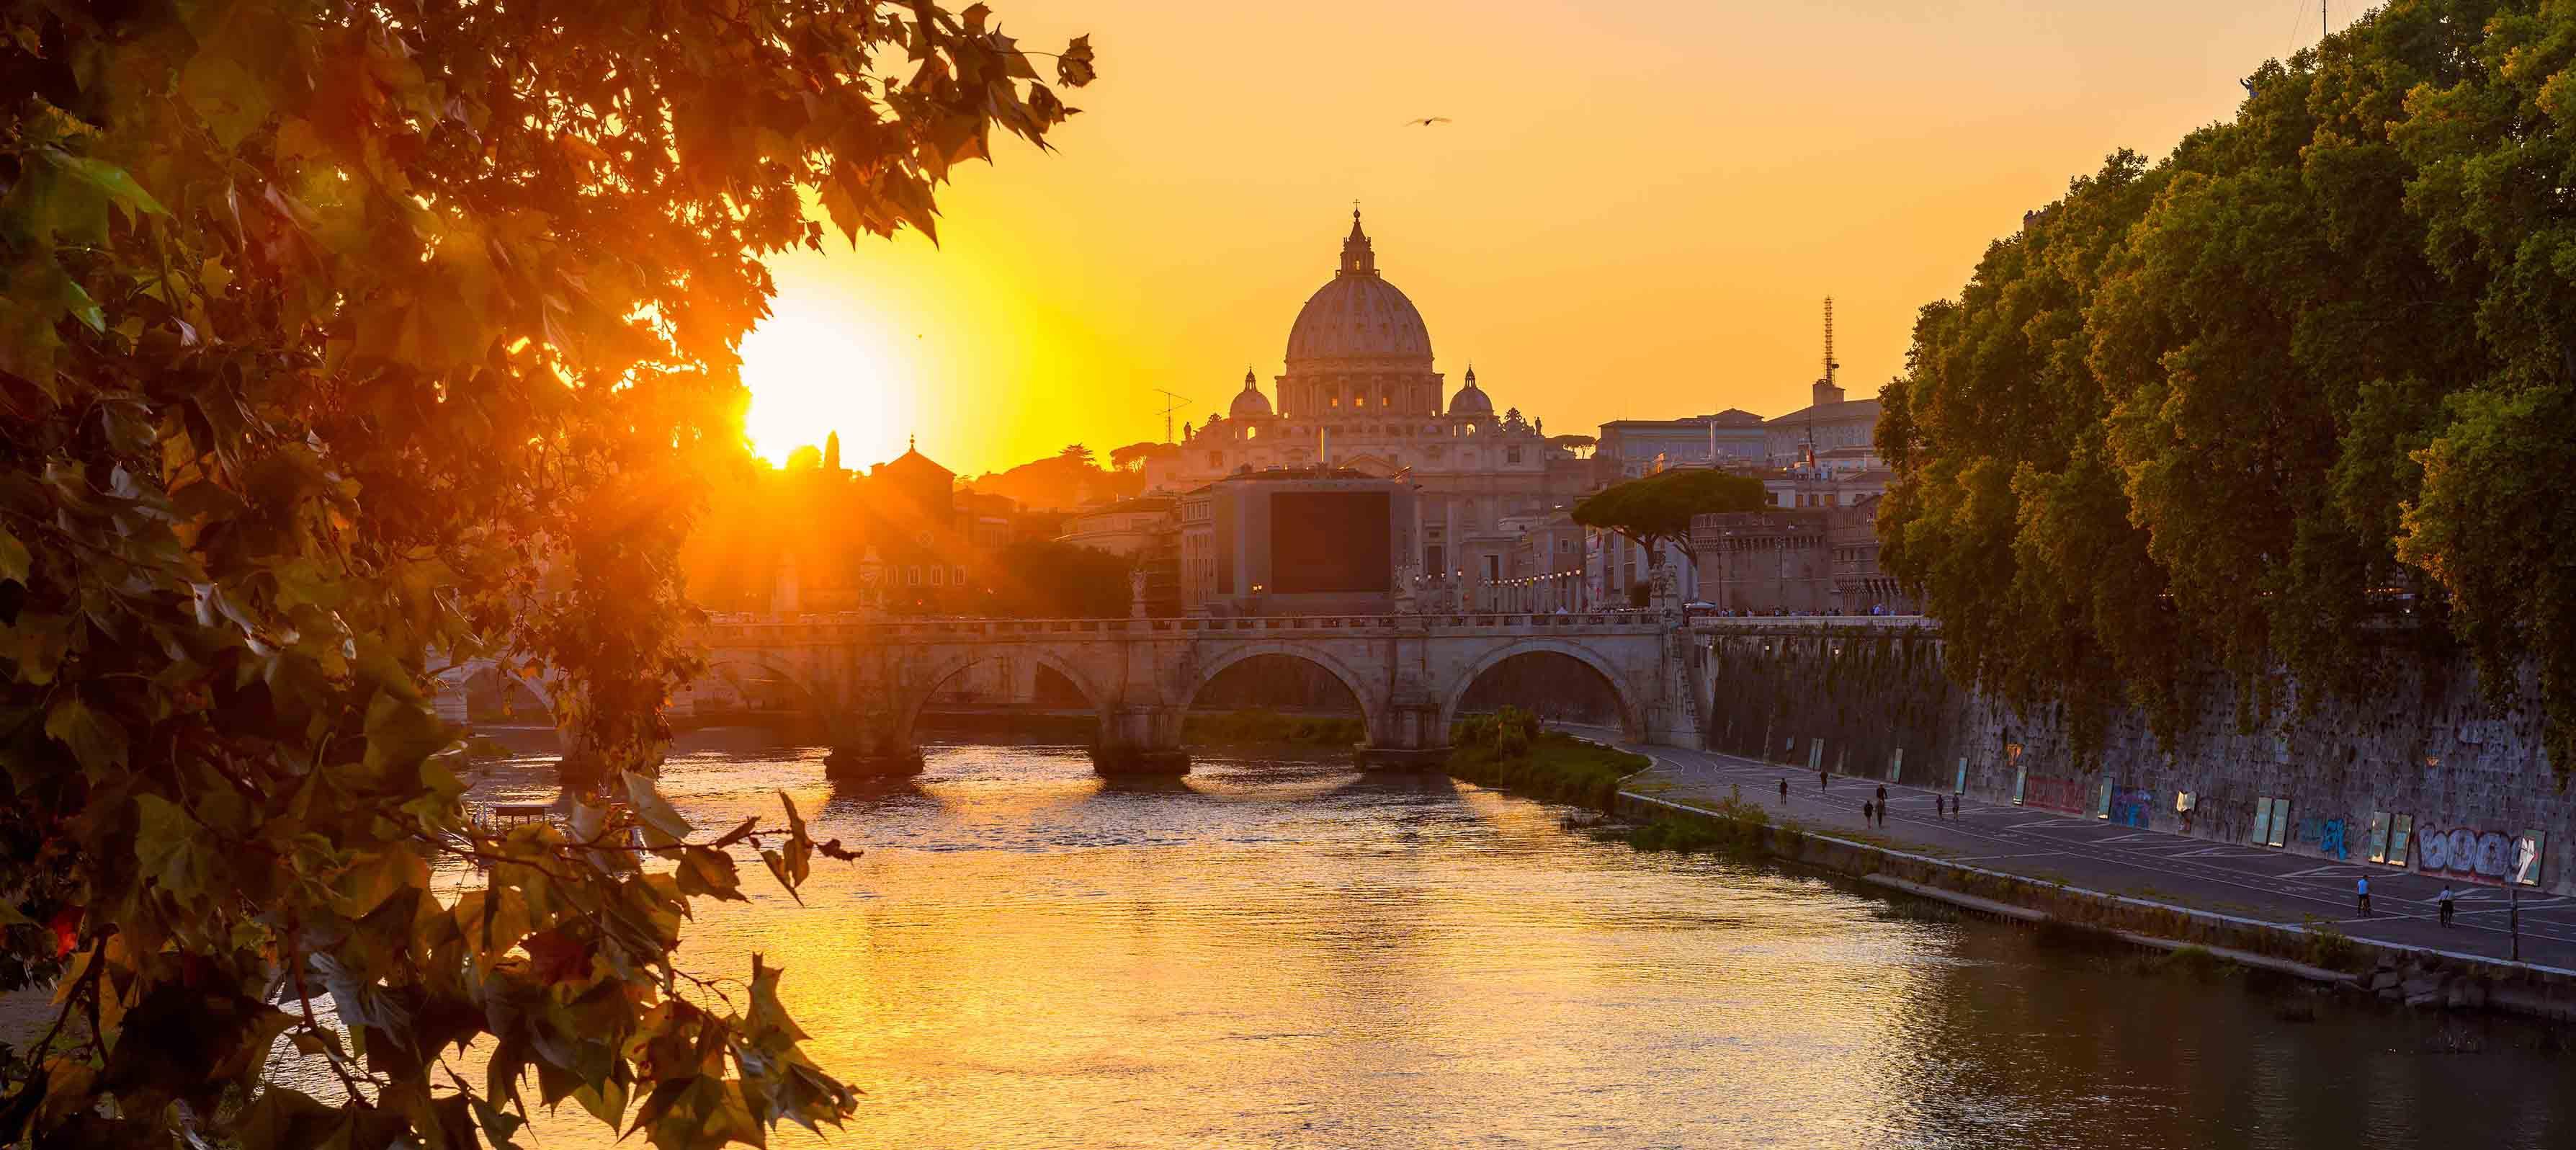 Rom, Peterskirke